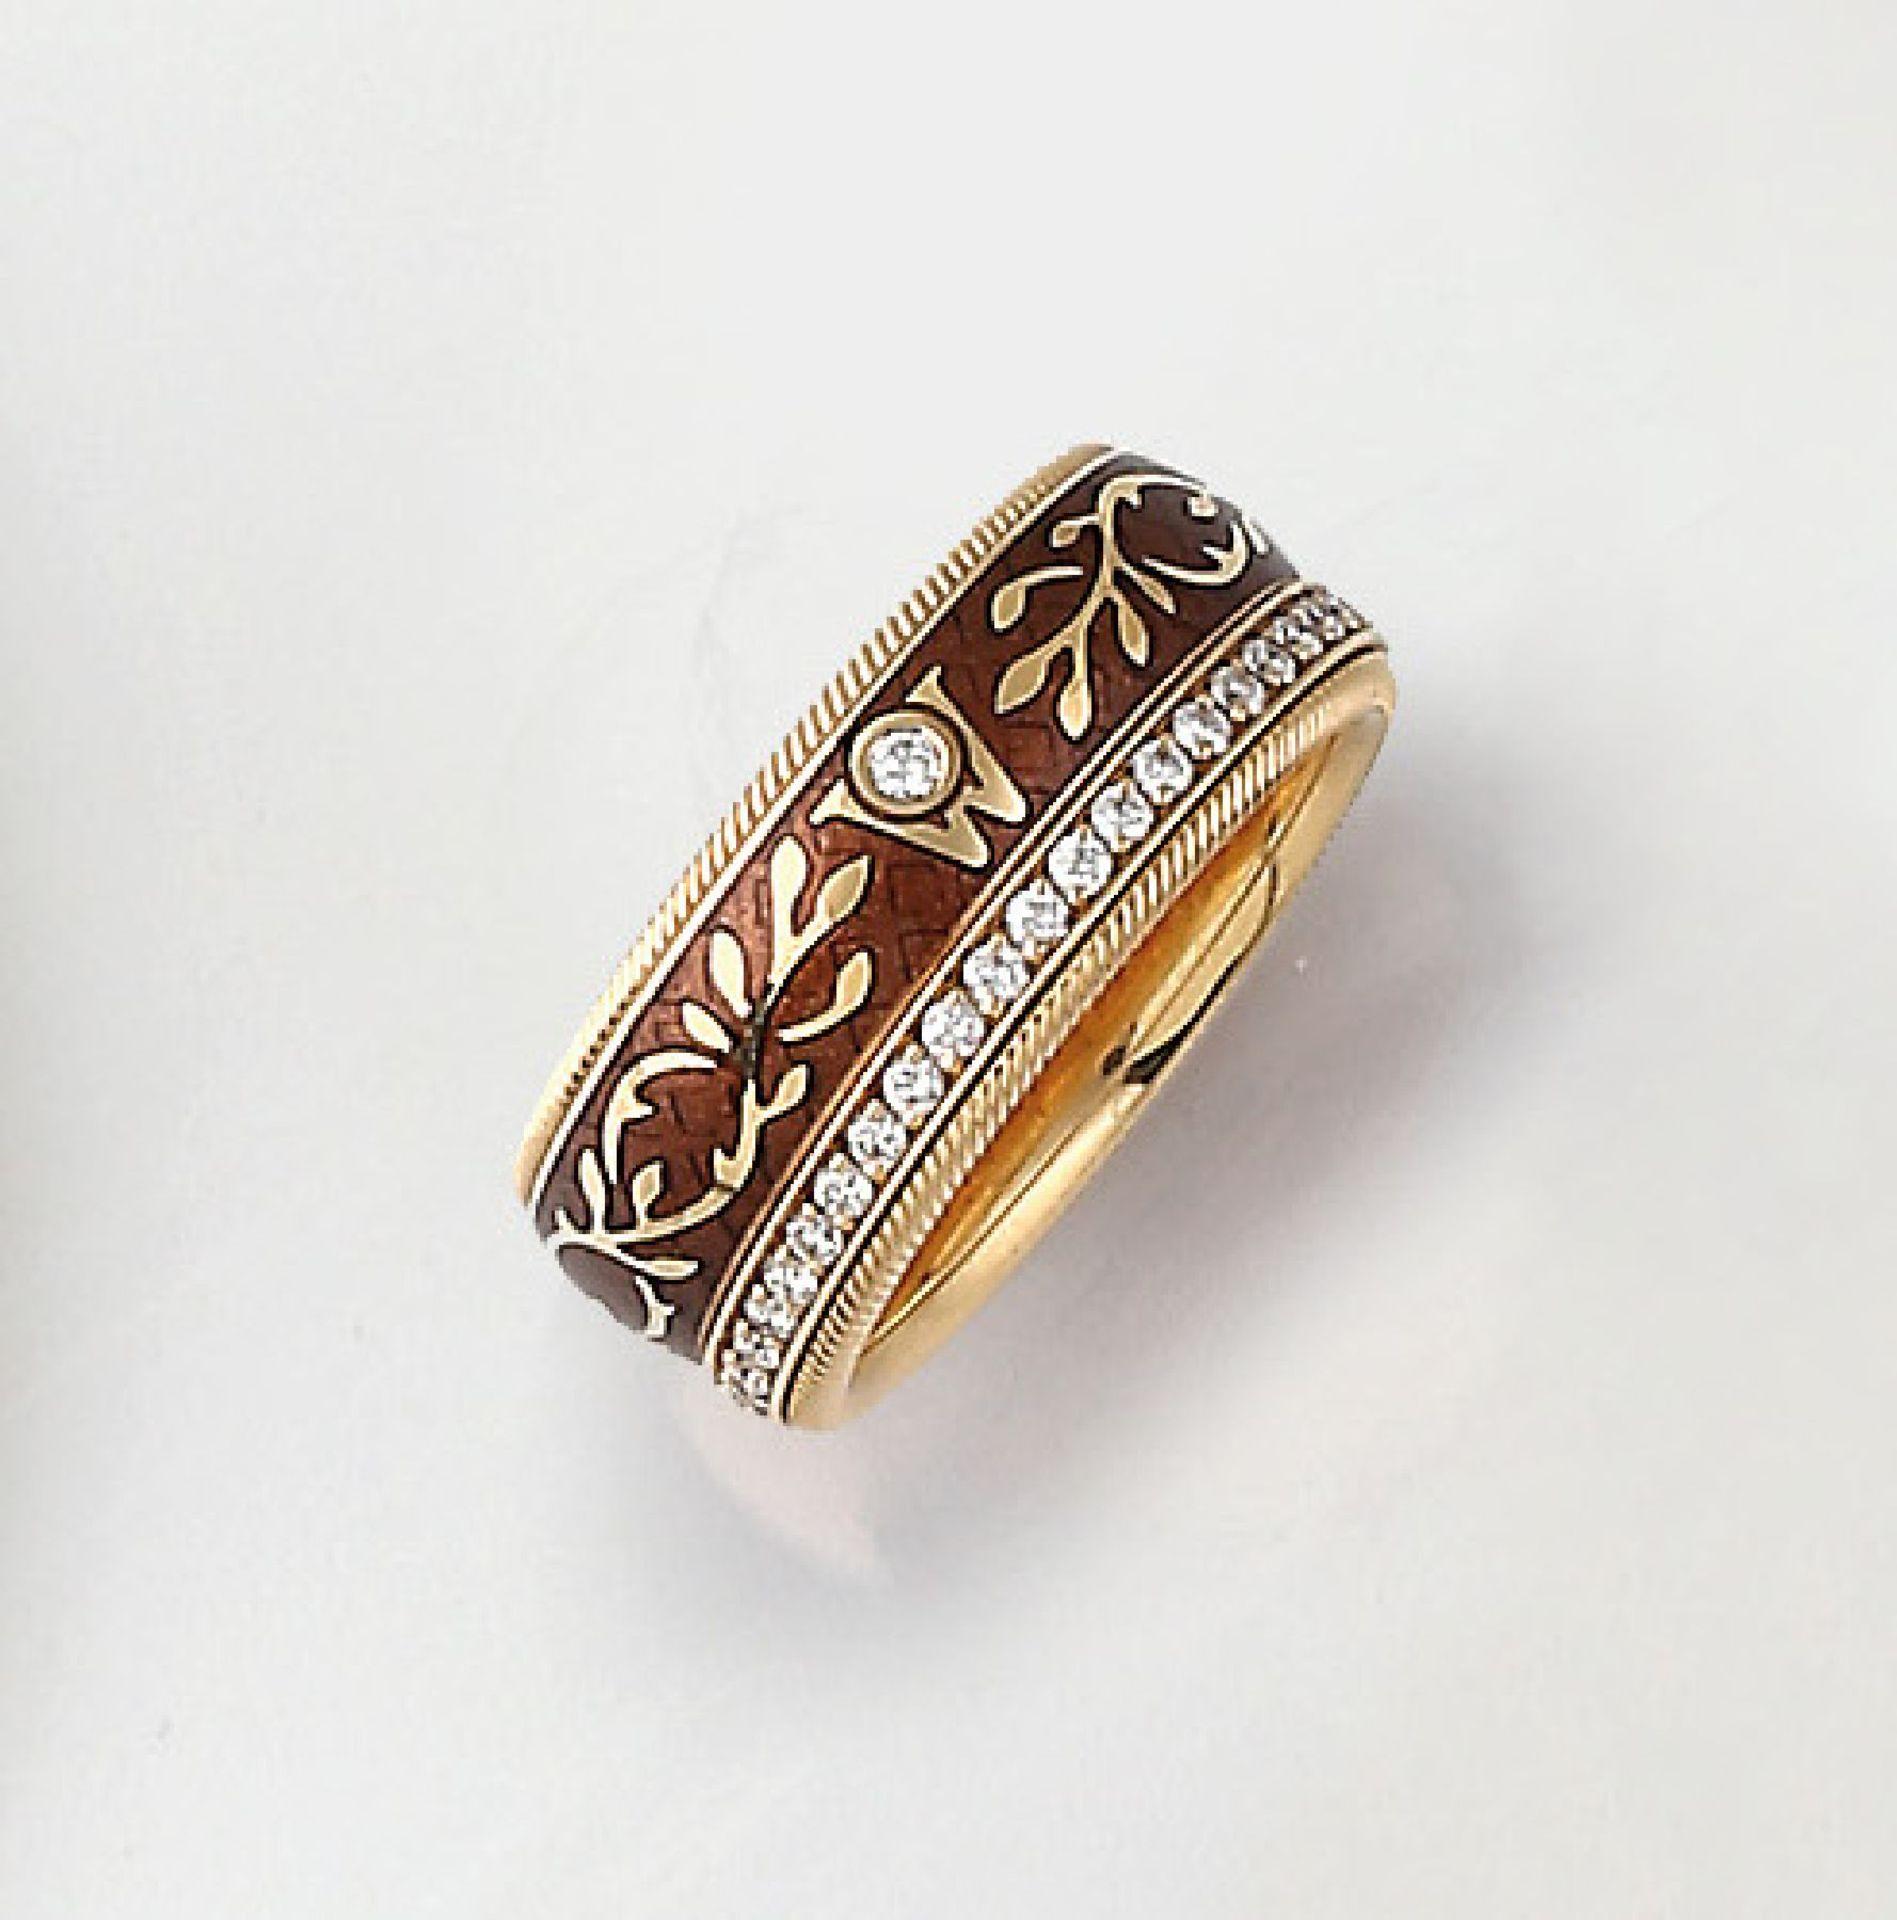 18 kt Gold WELLENDORFF Ring Karamell, GG 750/000, drehbar, braunes Kalt-Email, Brillanten zus. ca.